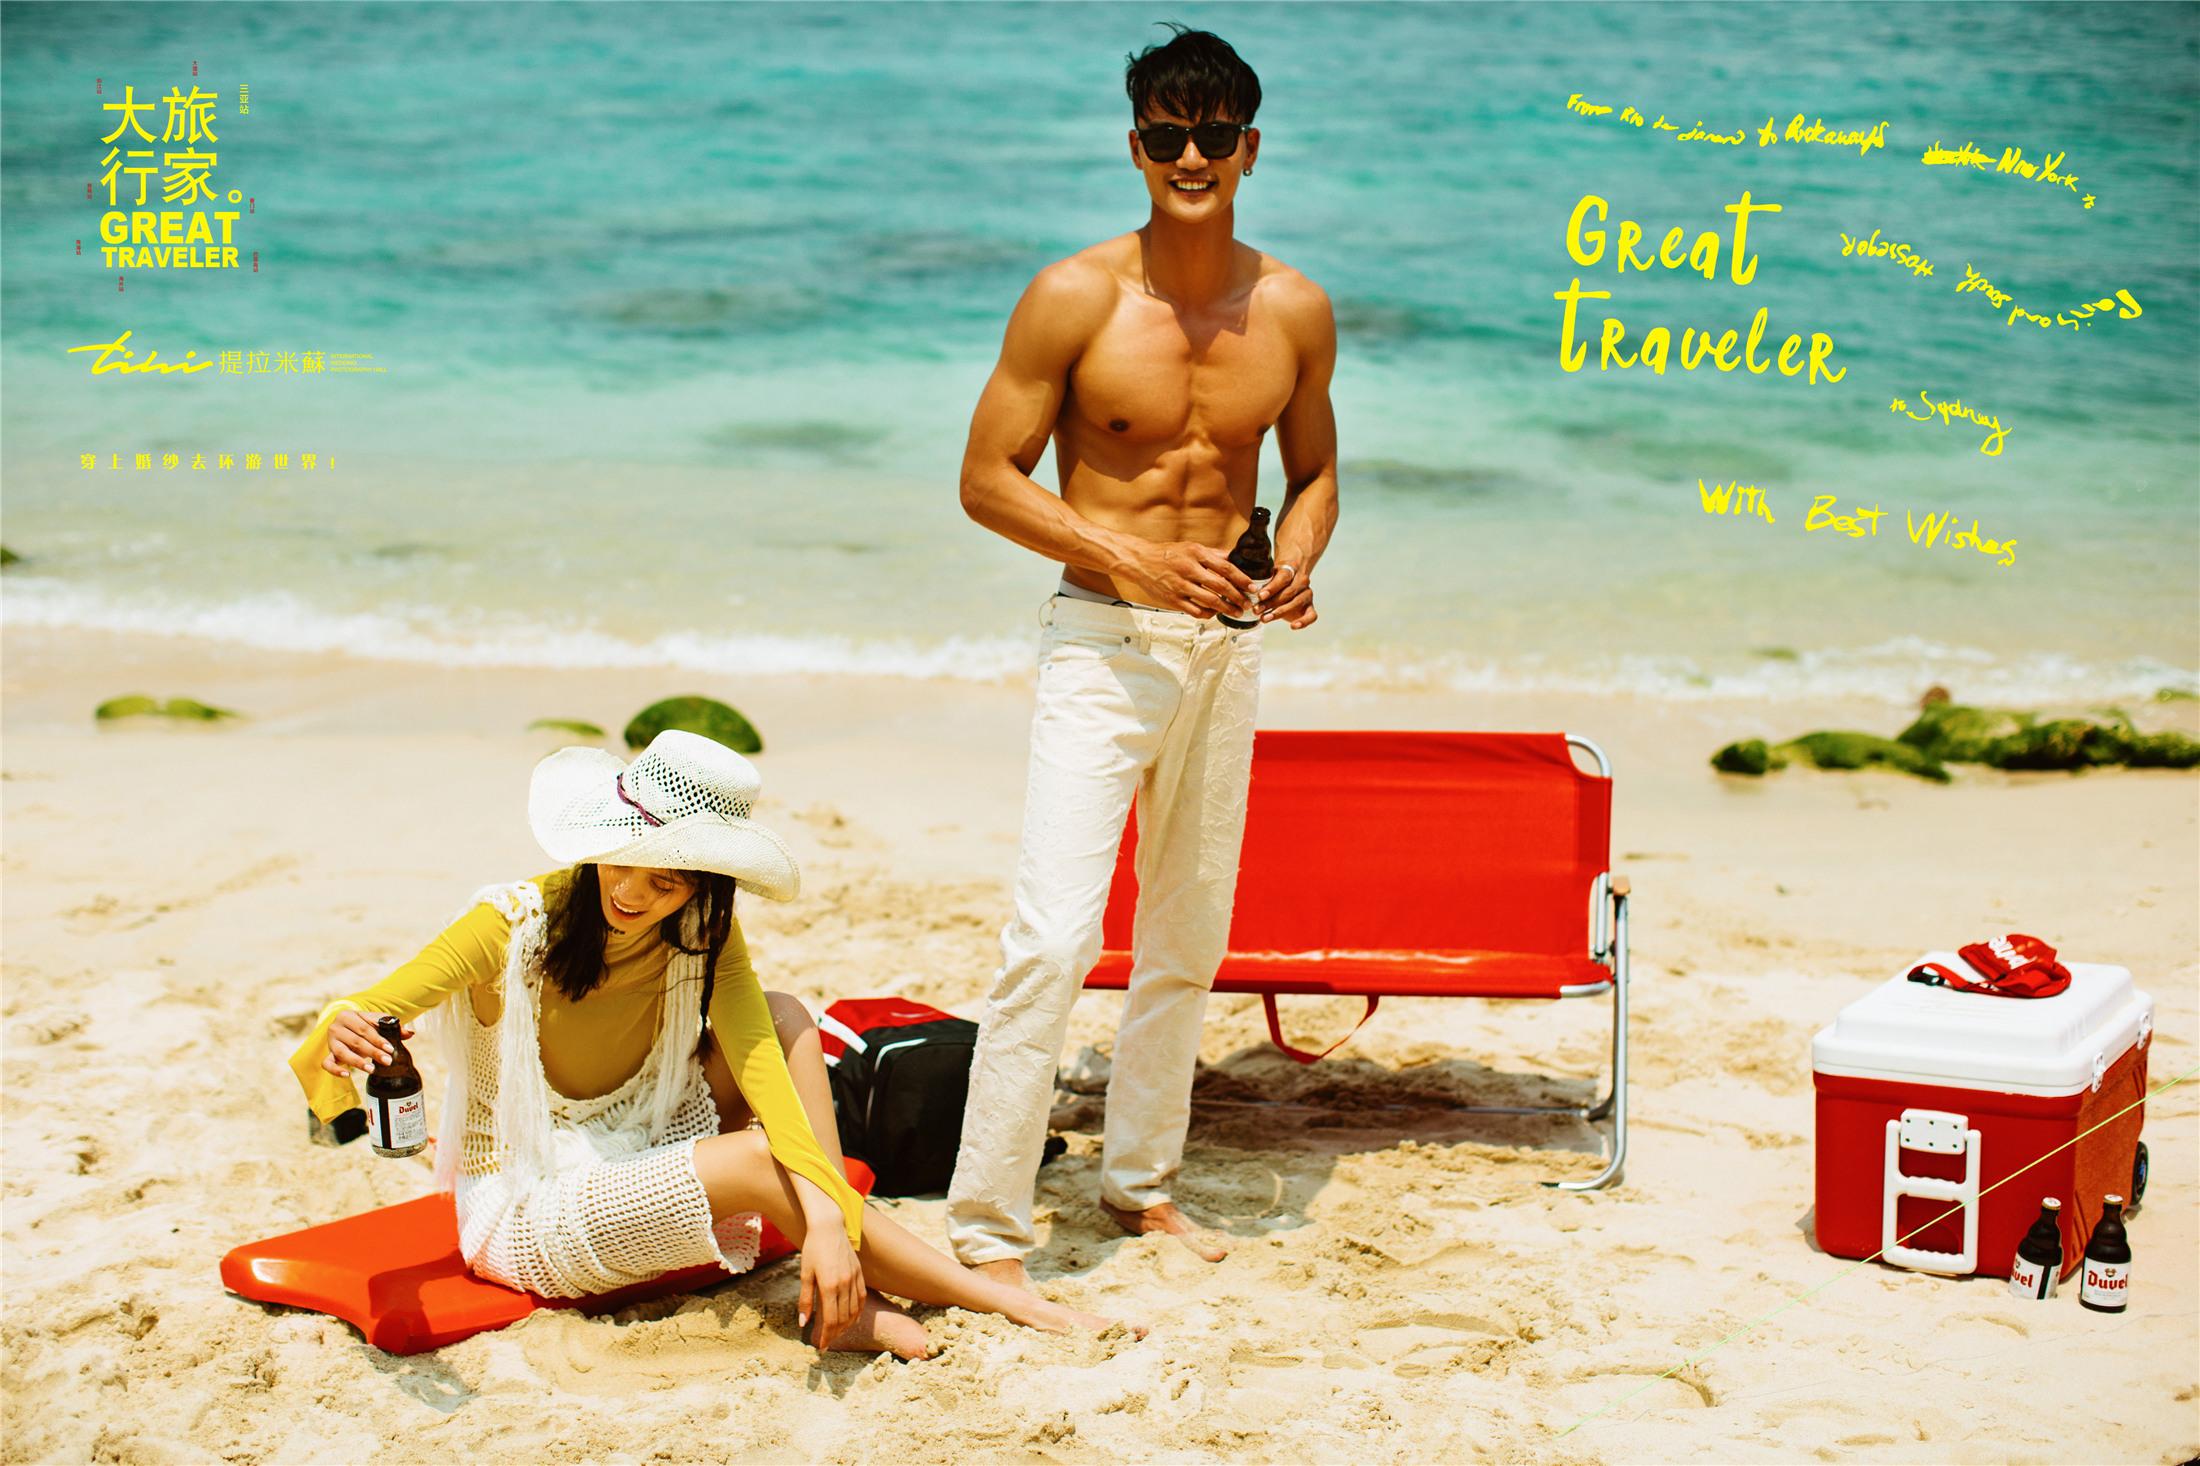 巴厘岛是海外最受欢迎的旅拍圣地